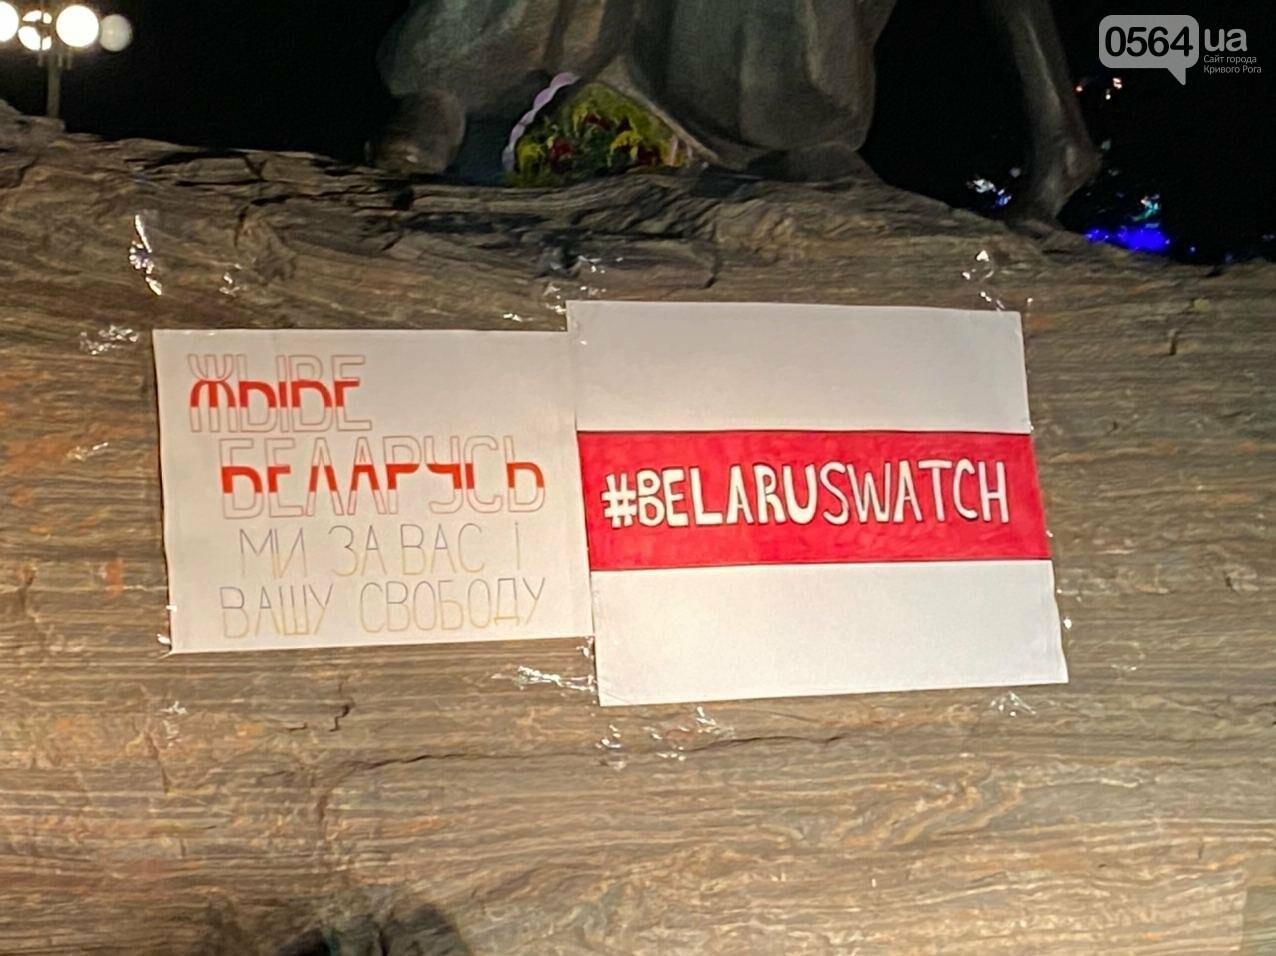 """""""Жыве Беларусь!  Живе вечна!"""", - в Кривом Роге провели акцию #BelarusWatch, - ФОТО, ВИДЕО, фото-19"""